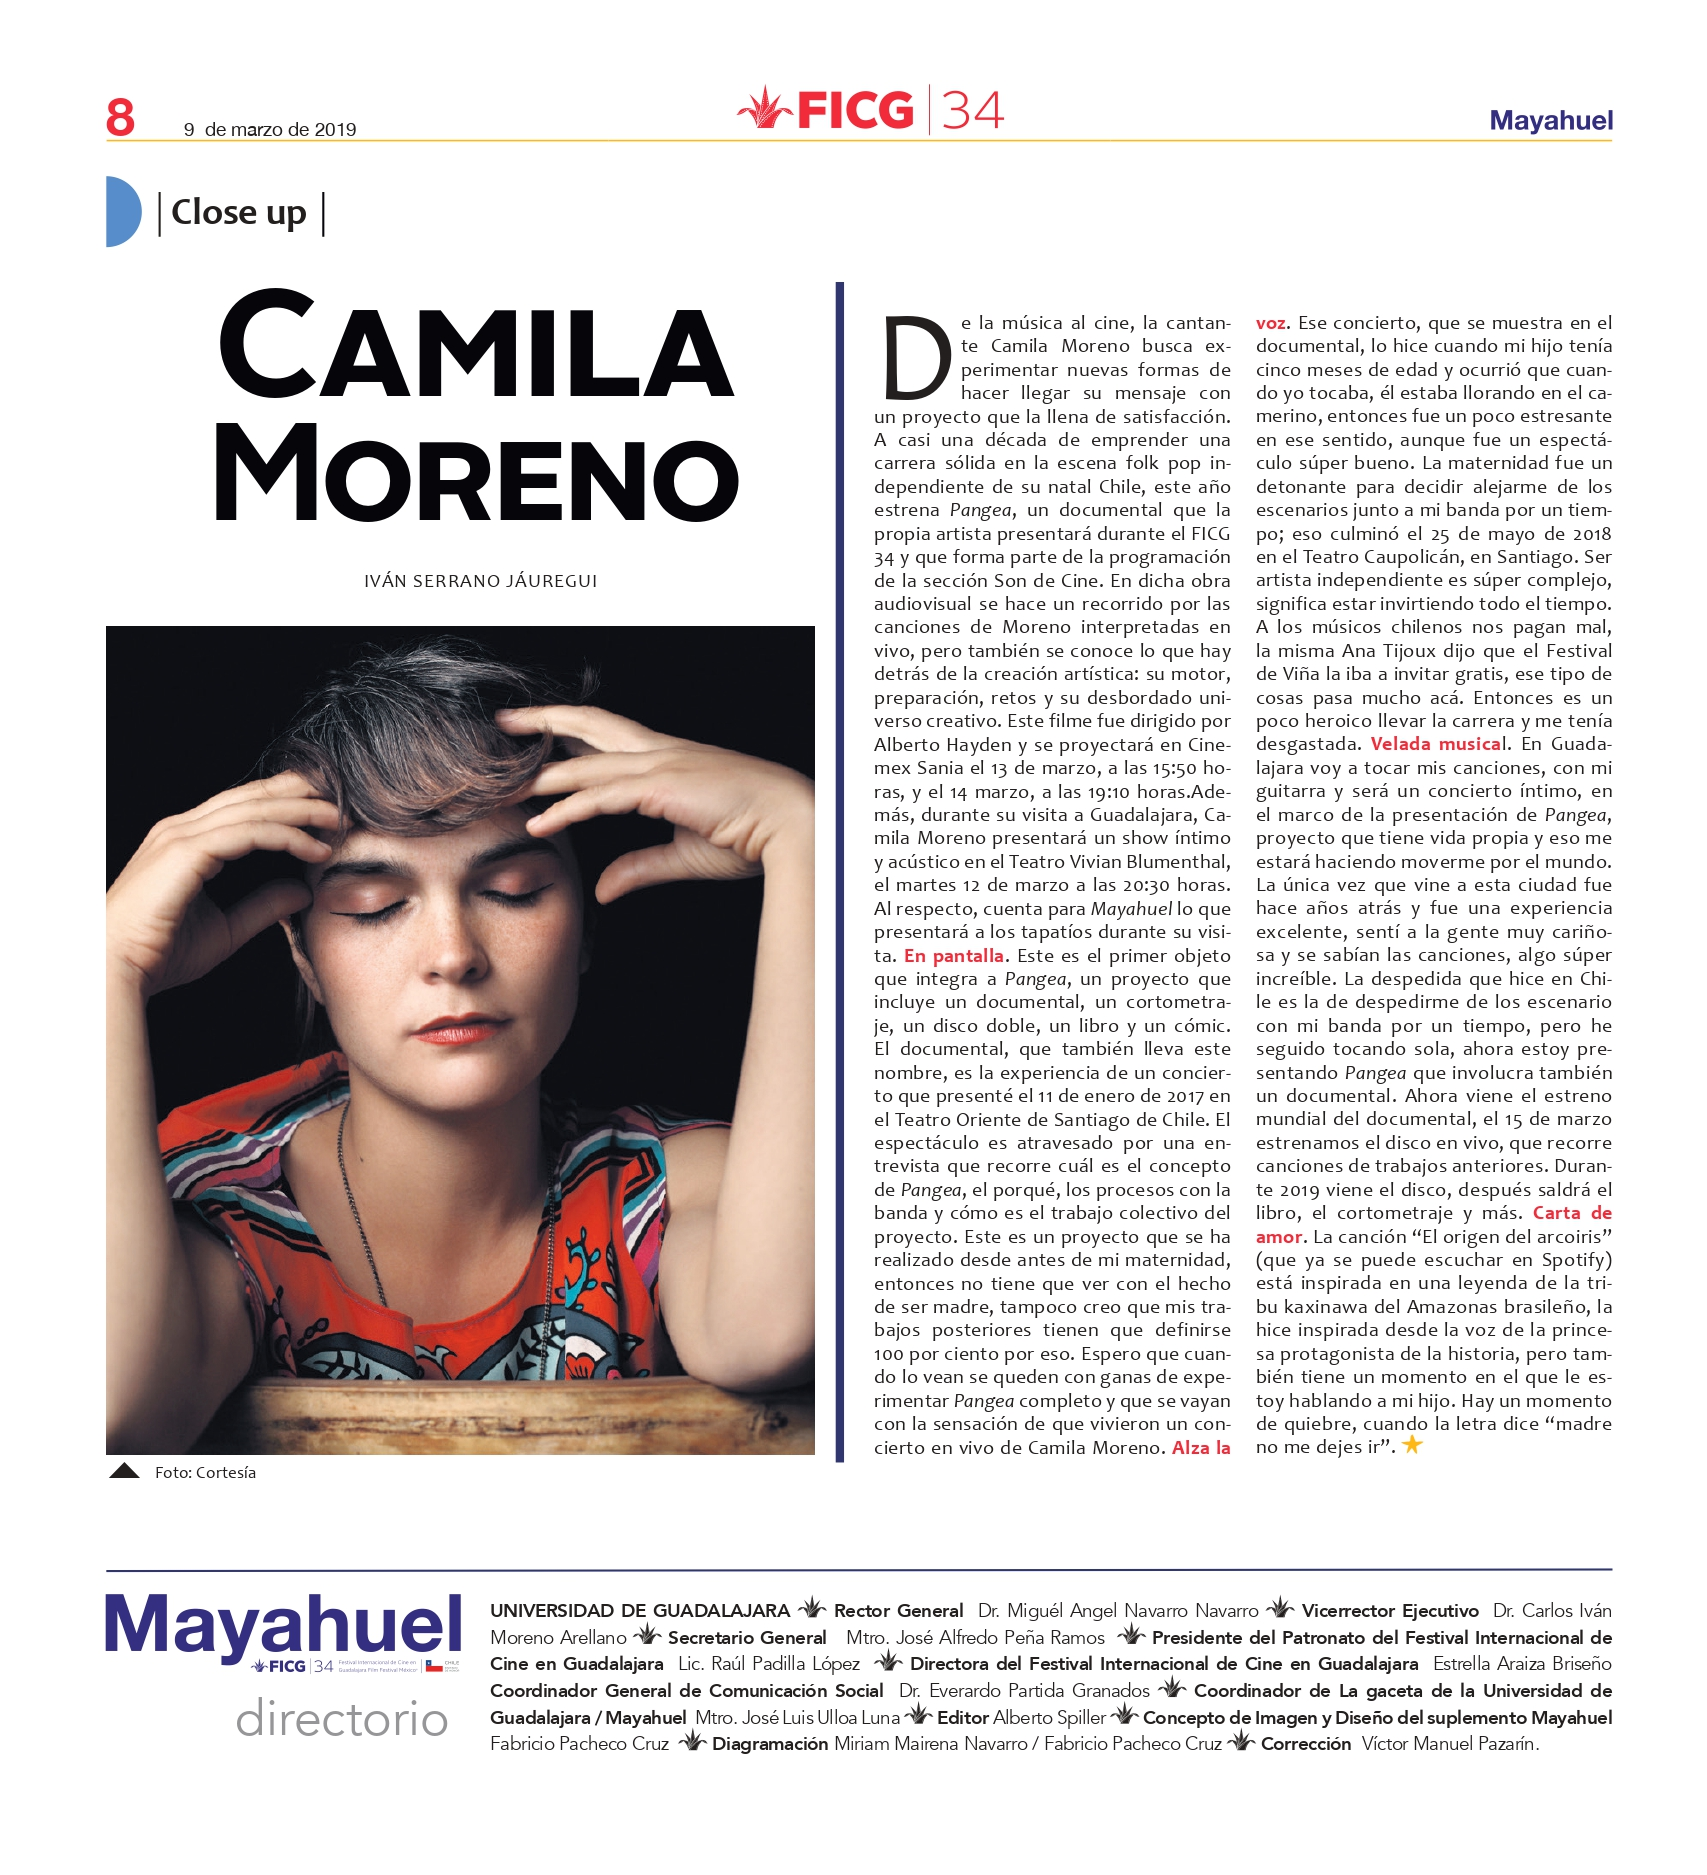 Close up: Camila Moreno